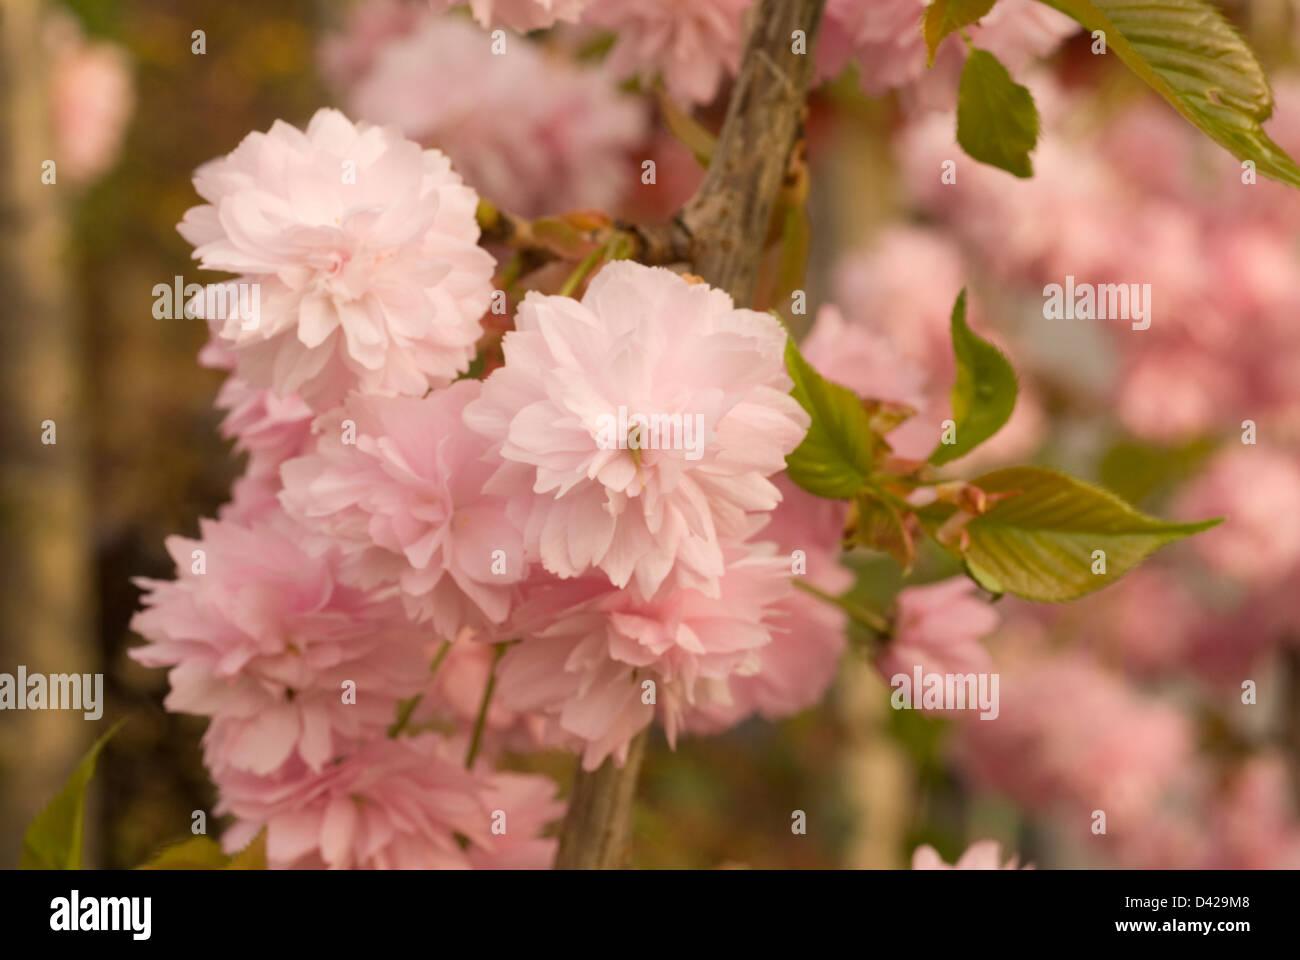 Japanese flowering cherry Prunus serrulata, Rosaceae - Stock Image